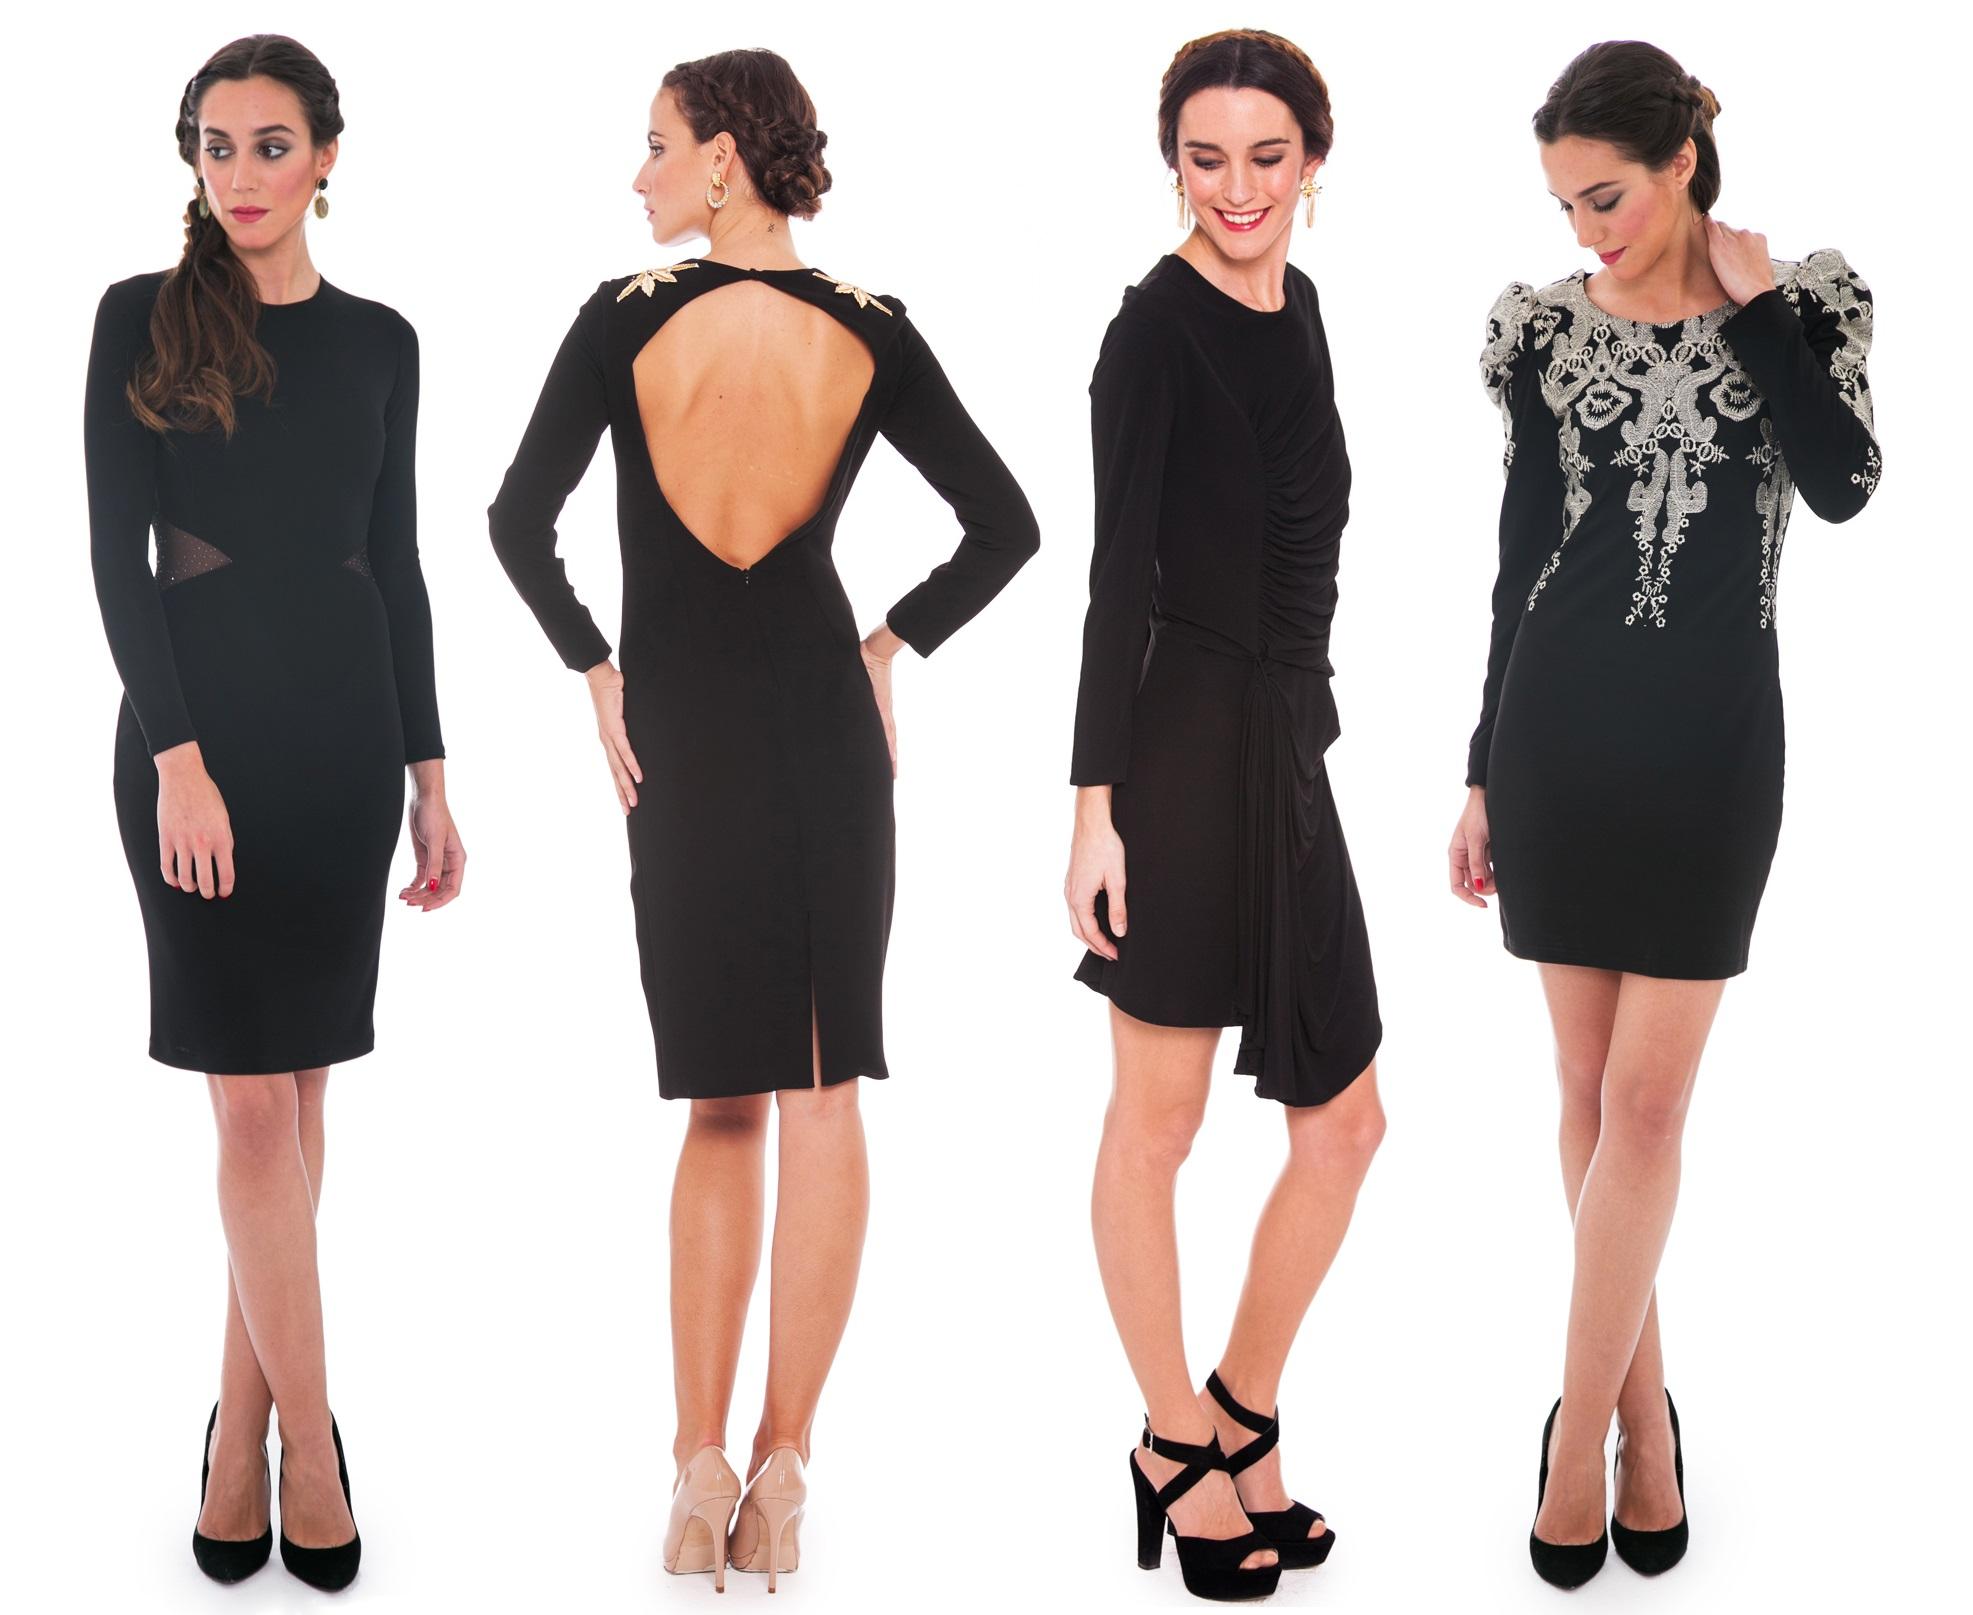 vestidos de fiesta negros de lamasmona.com